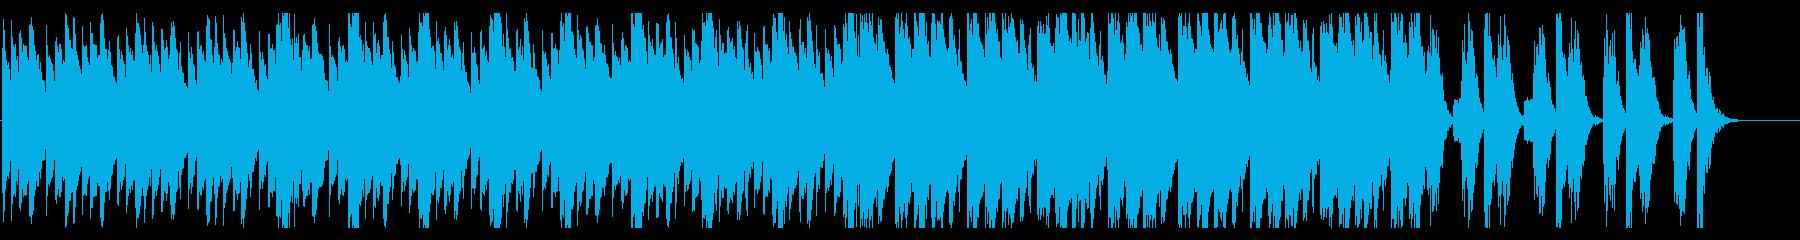 奇妙なピアノ【不思議】の再生済みの波形